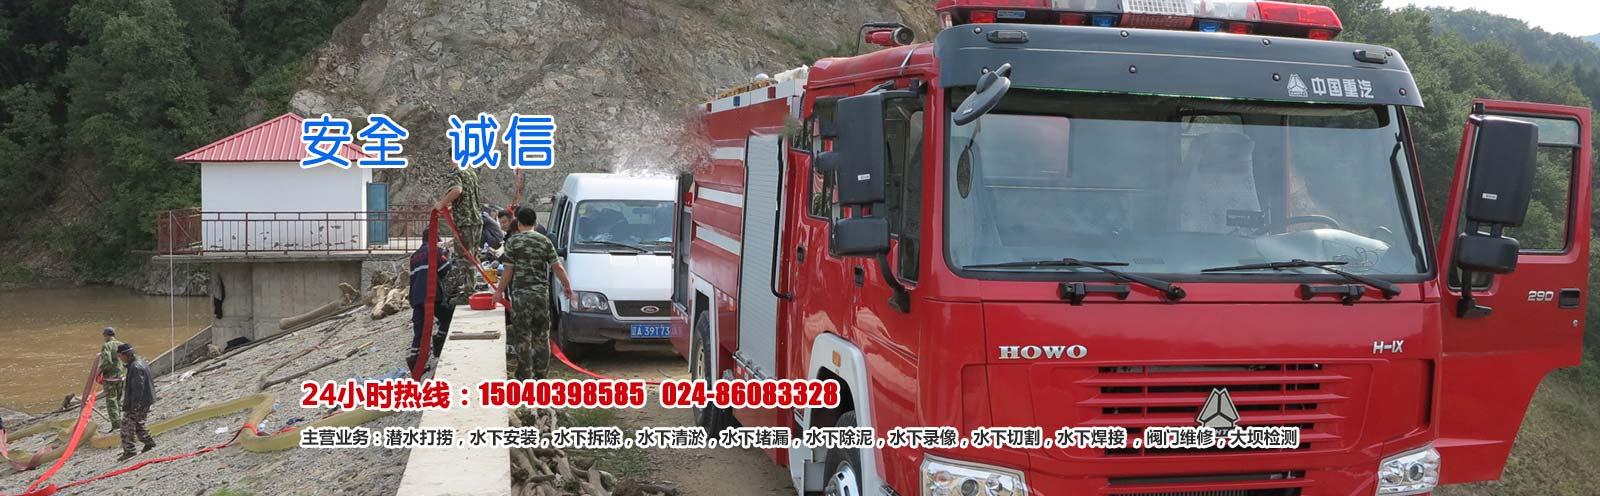 url(http://www.sylongyi.com.cn/upfile/ads/20160930155320-50417163688689472.jpg)